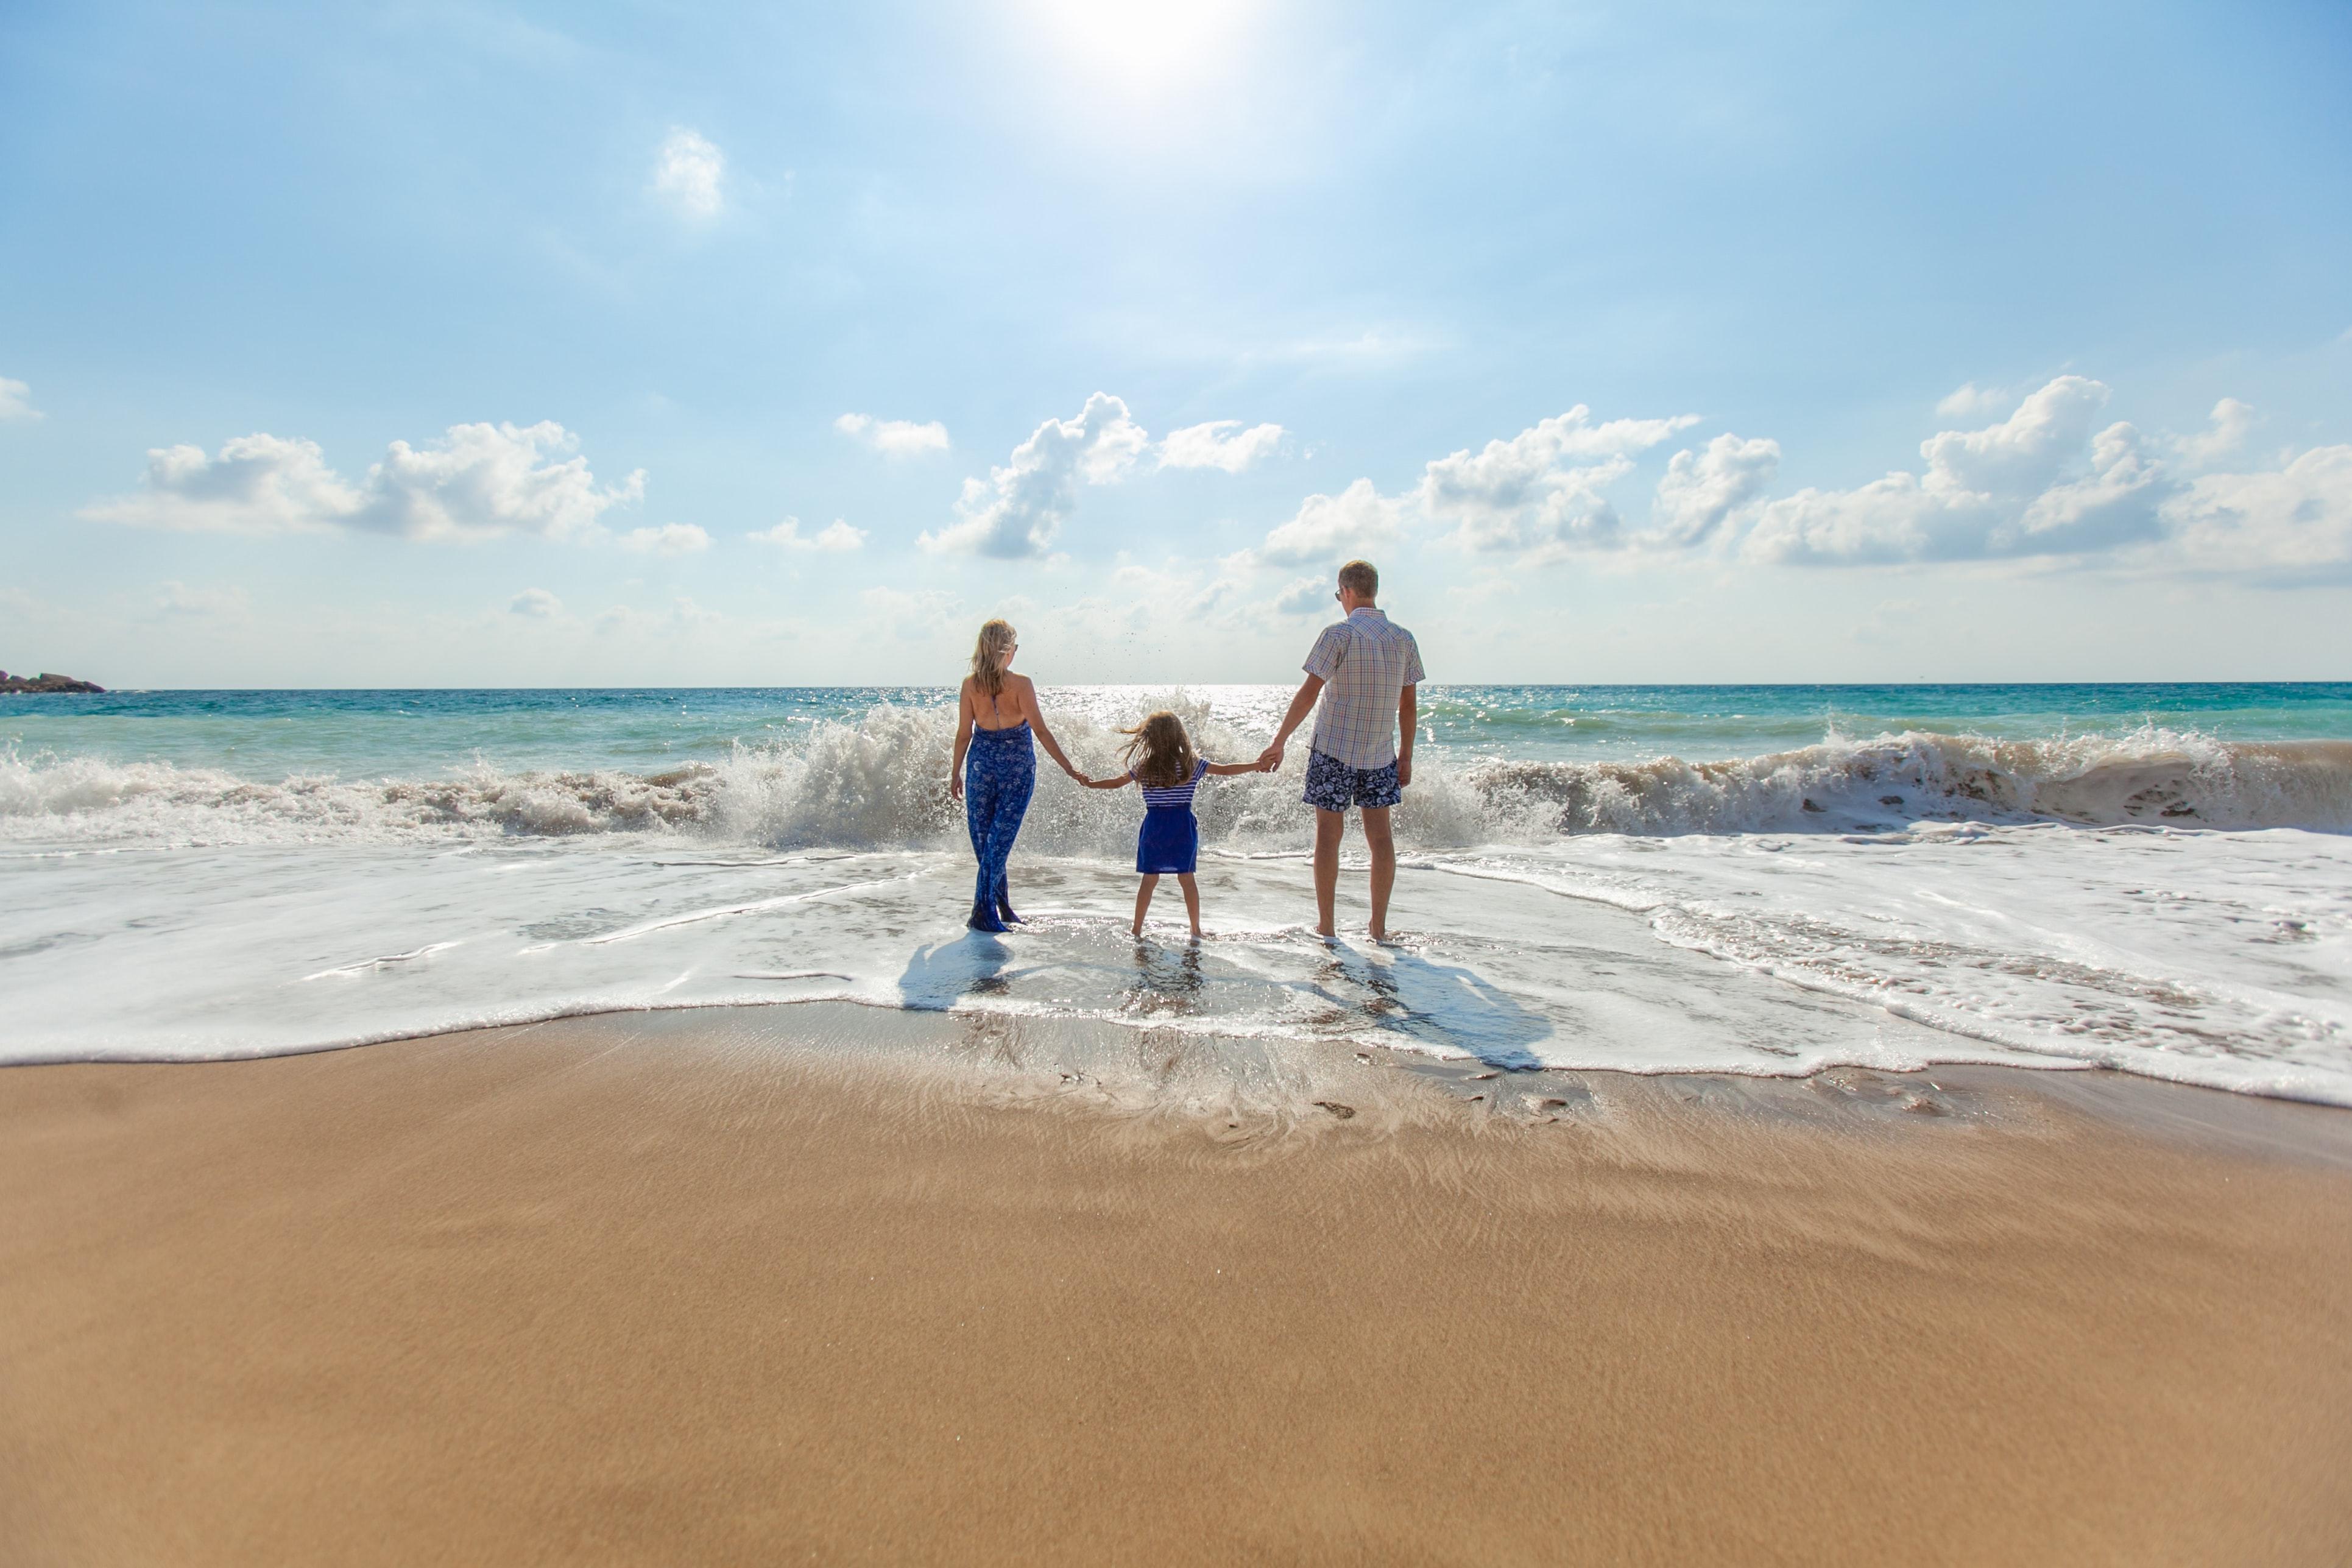 Συμβουλές για να περάσετε ξεκούραστα το καλοκαίρι με την οικογένειά σας